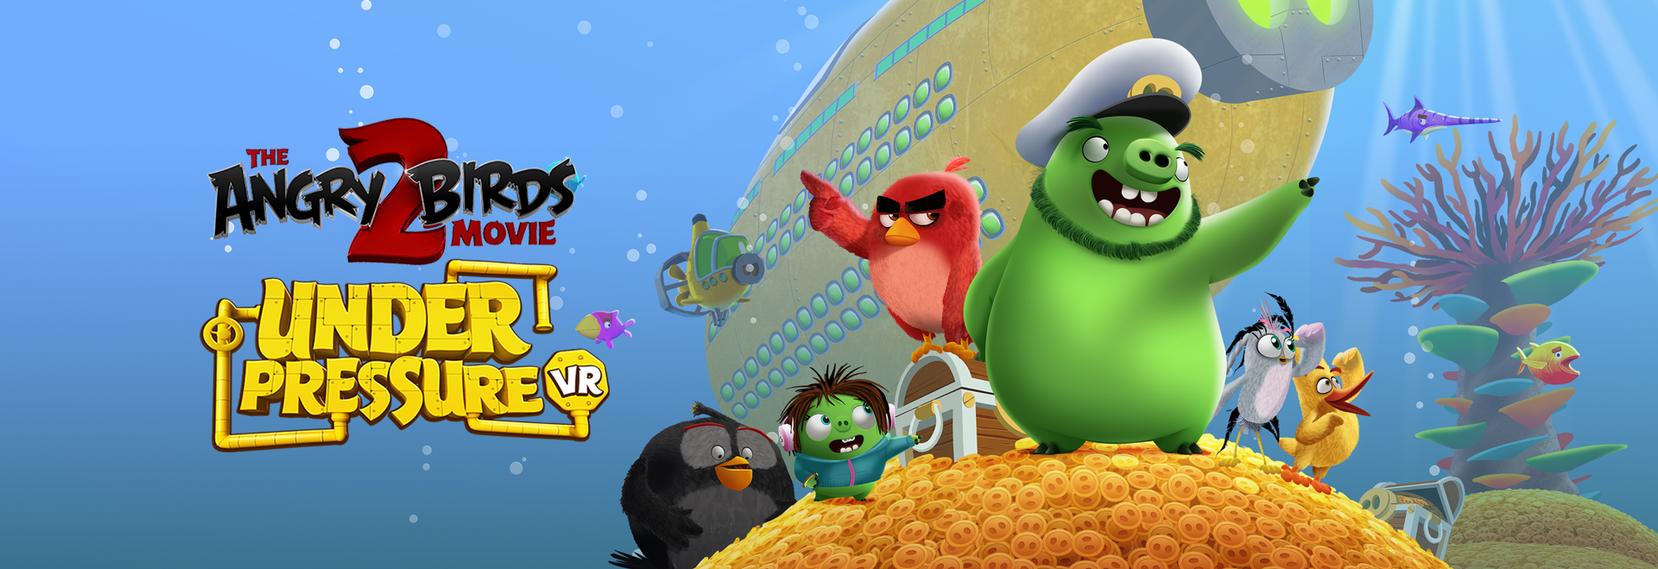 ABVR website games banner.png